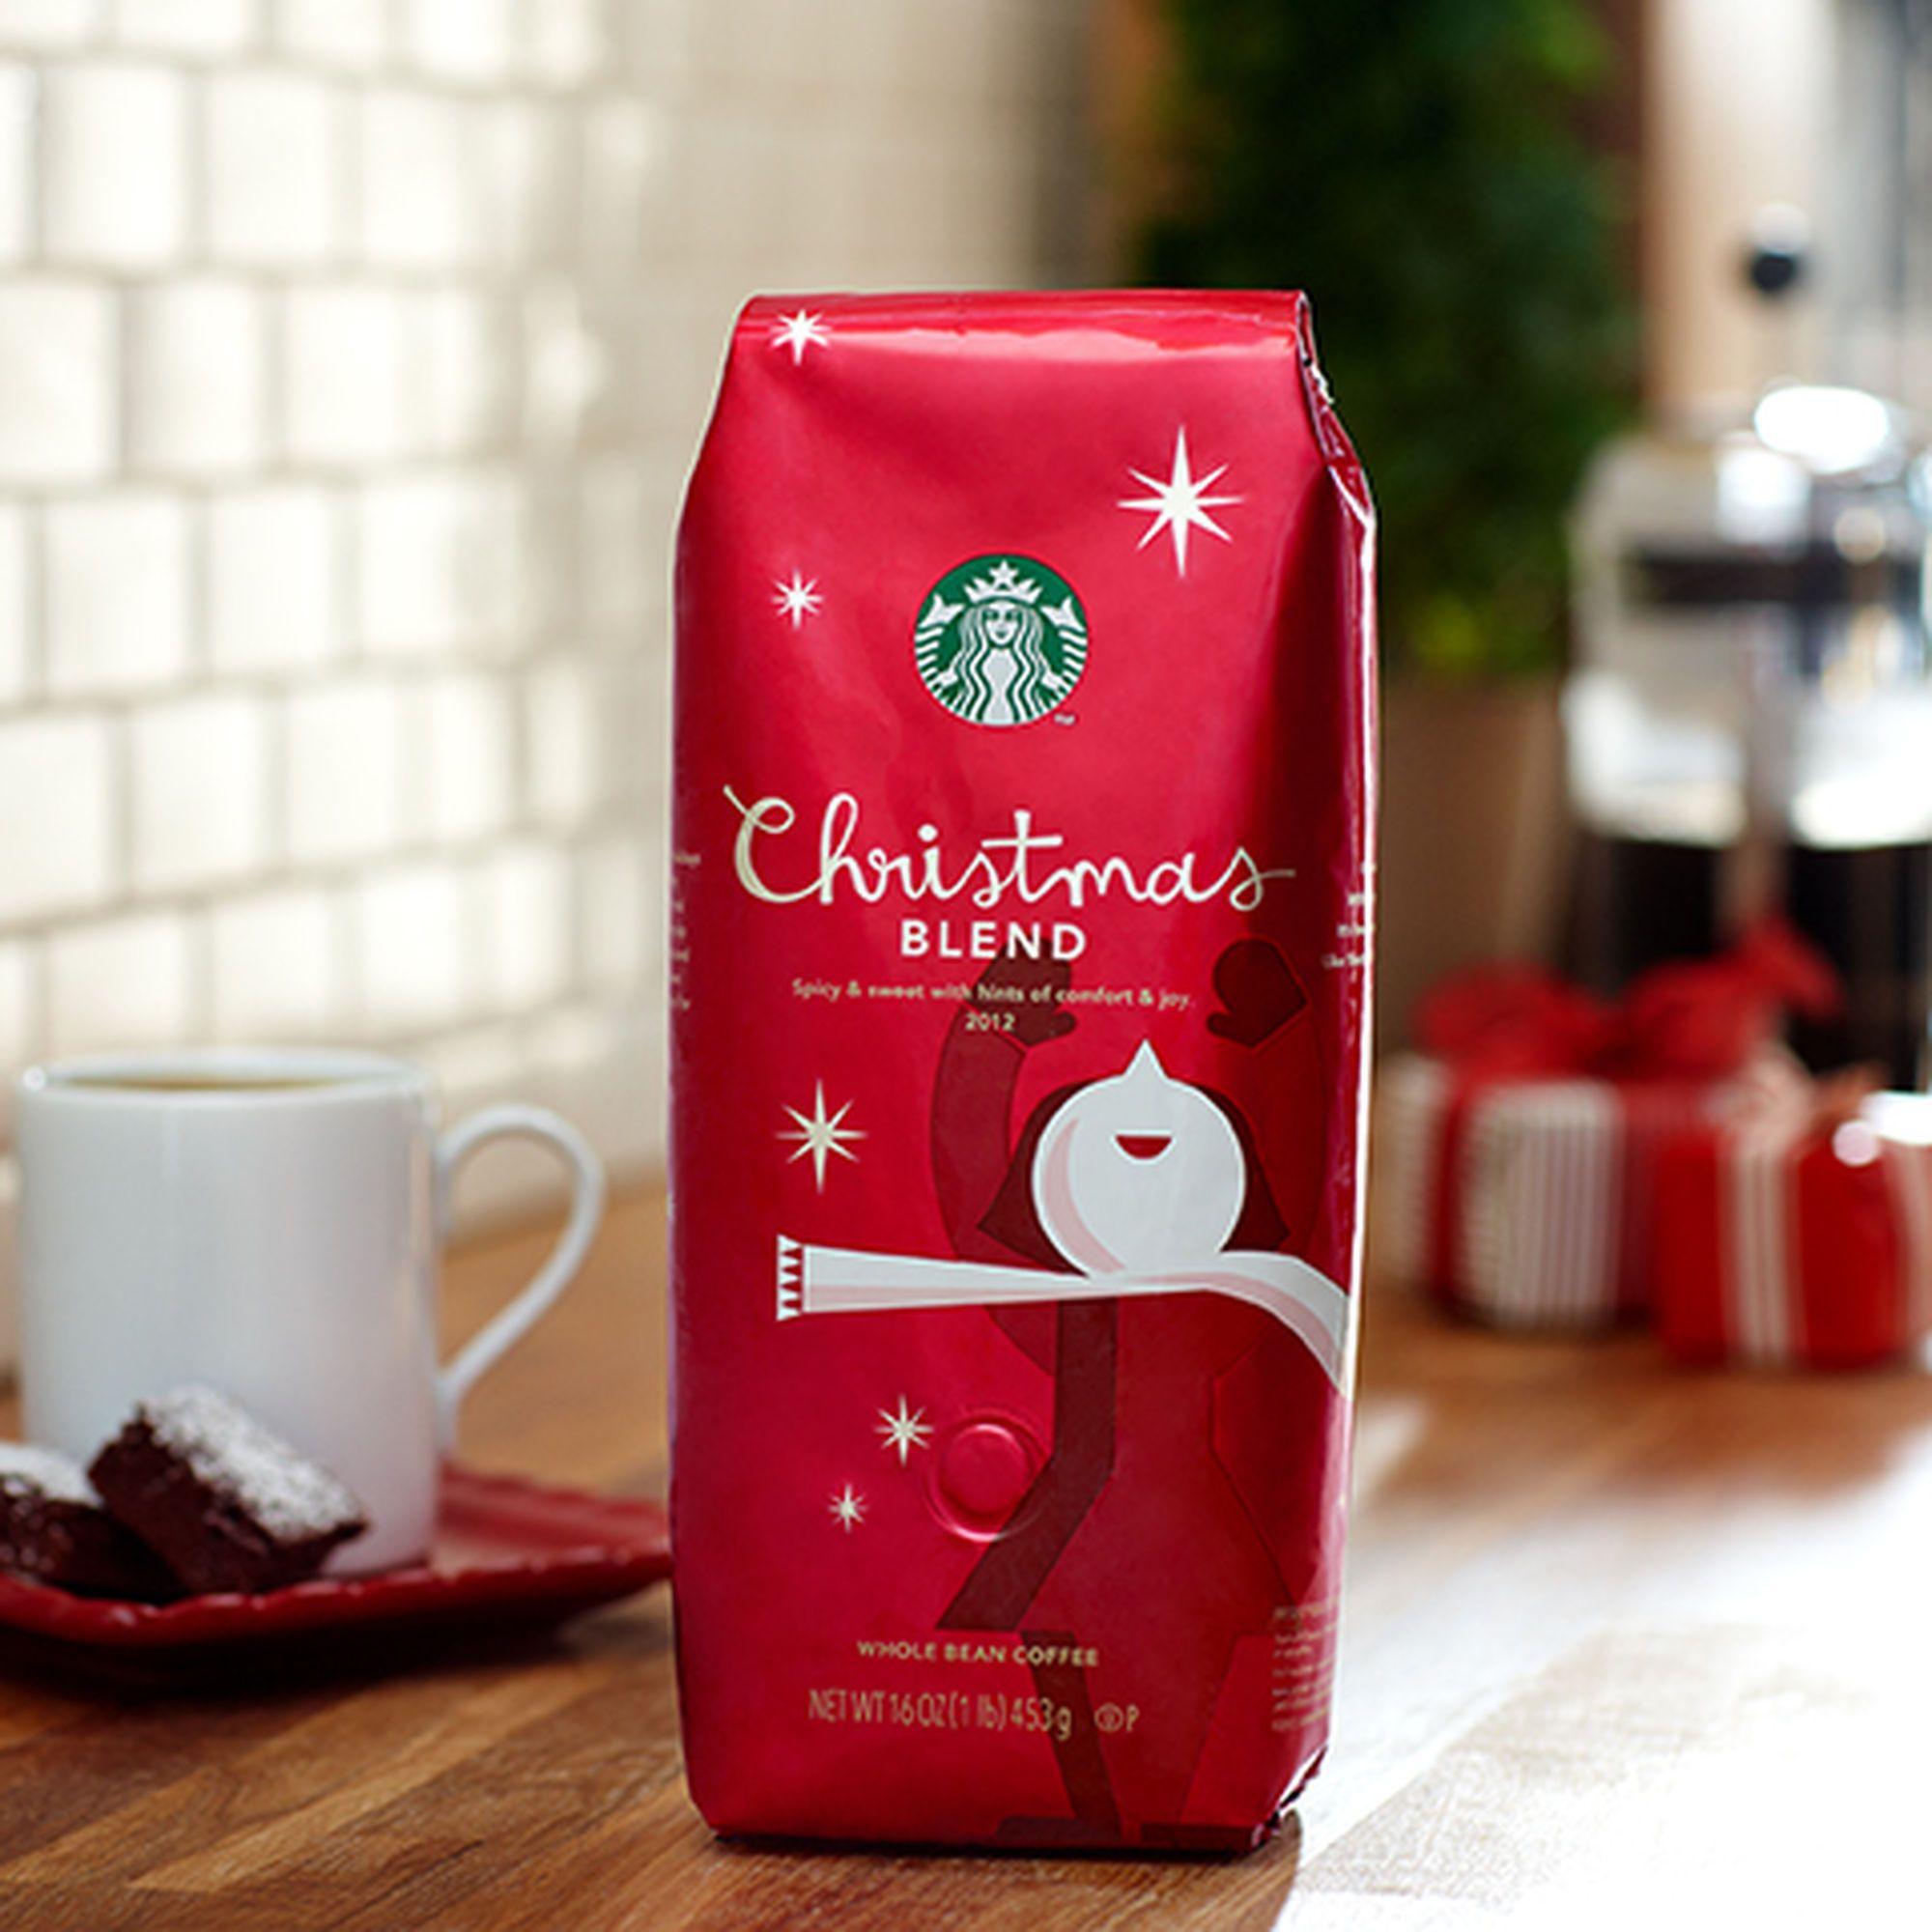 Starbucks Christmas Blend Starbucks Christmas Holiday Coffee Christmas Coffee